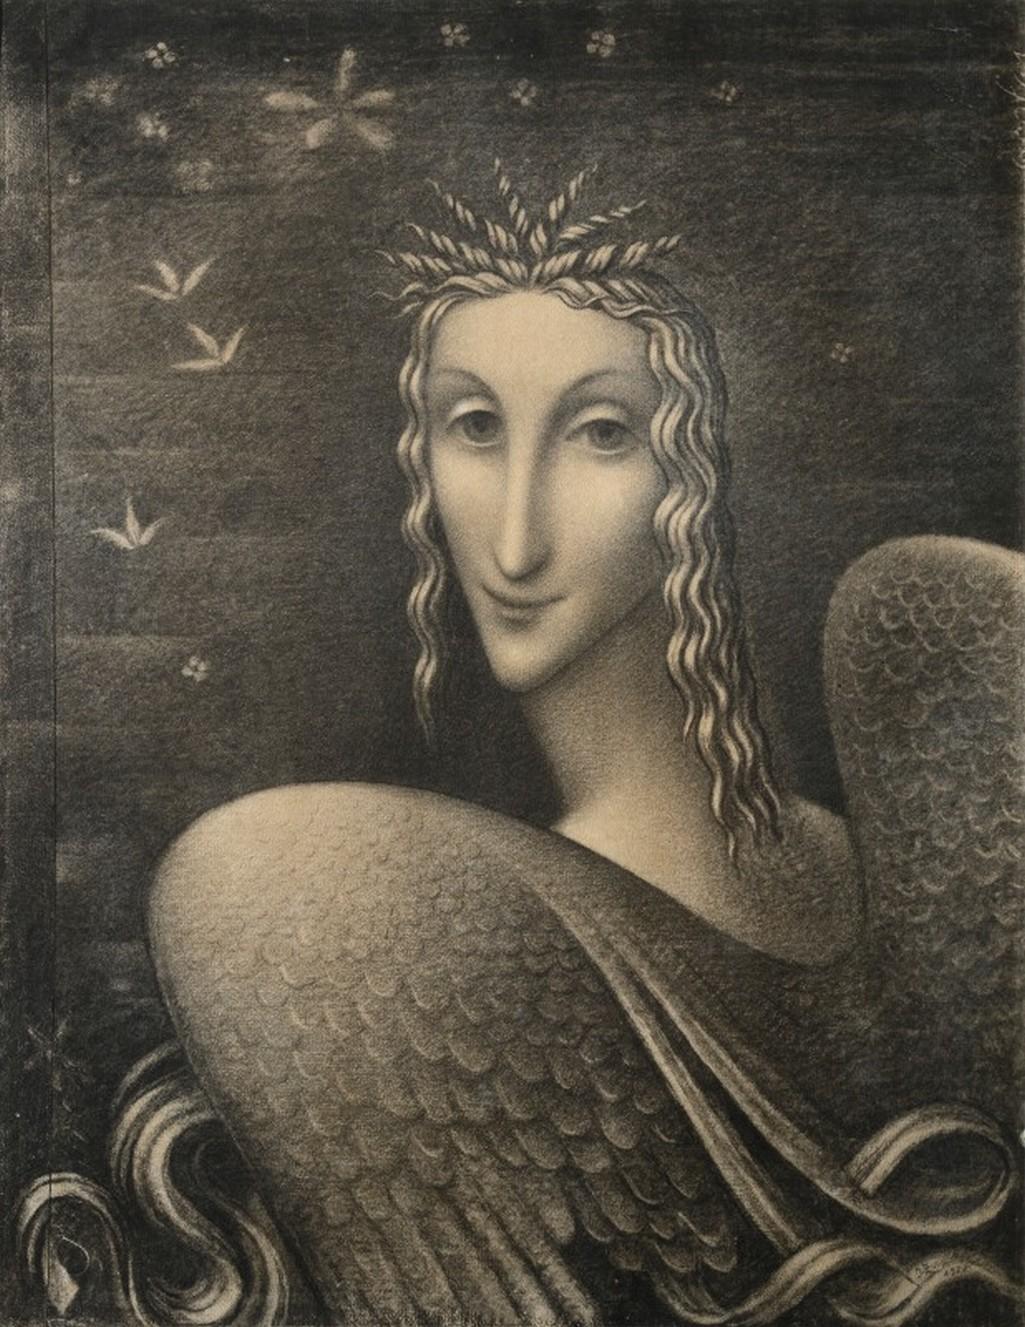 Jan Zrzavý / Anděl, 1925, uhel, papír, 61 x 47 cm, soukromá sbírka